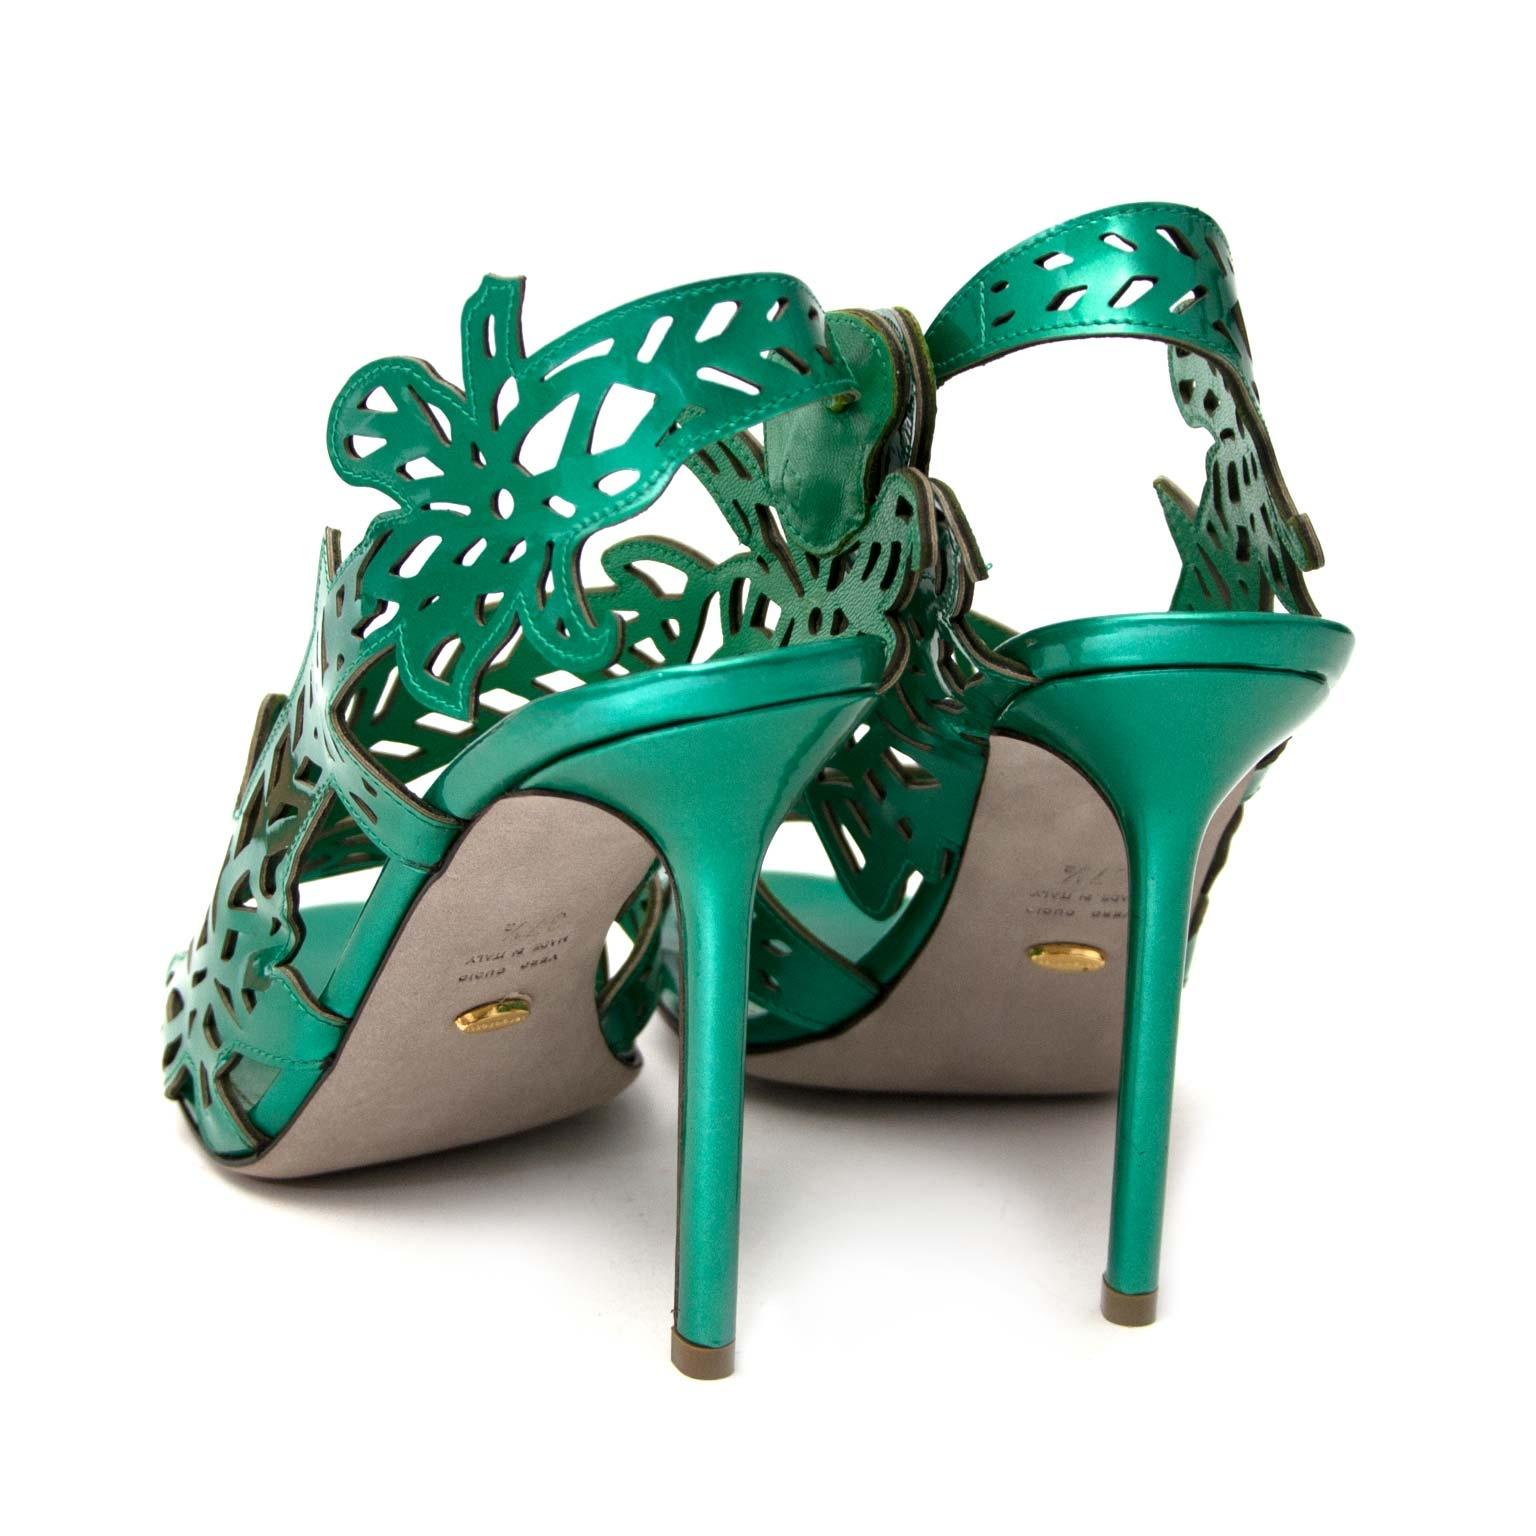 acheter en ligne pour le meilleur prix seconde main comme neuf Sergio Rossi Green Patent Cut-Out Sandals - Size 37,5